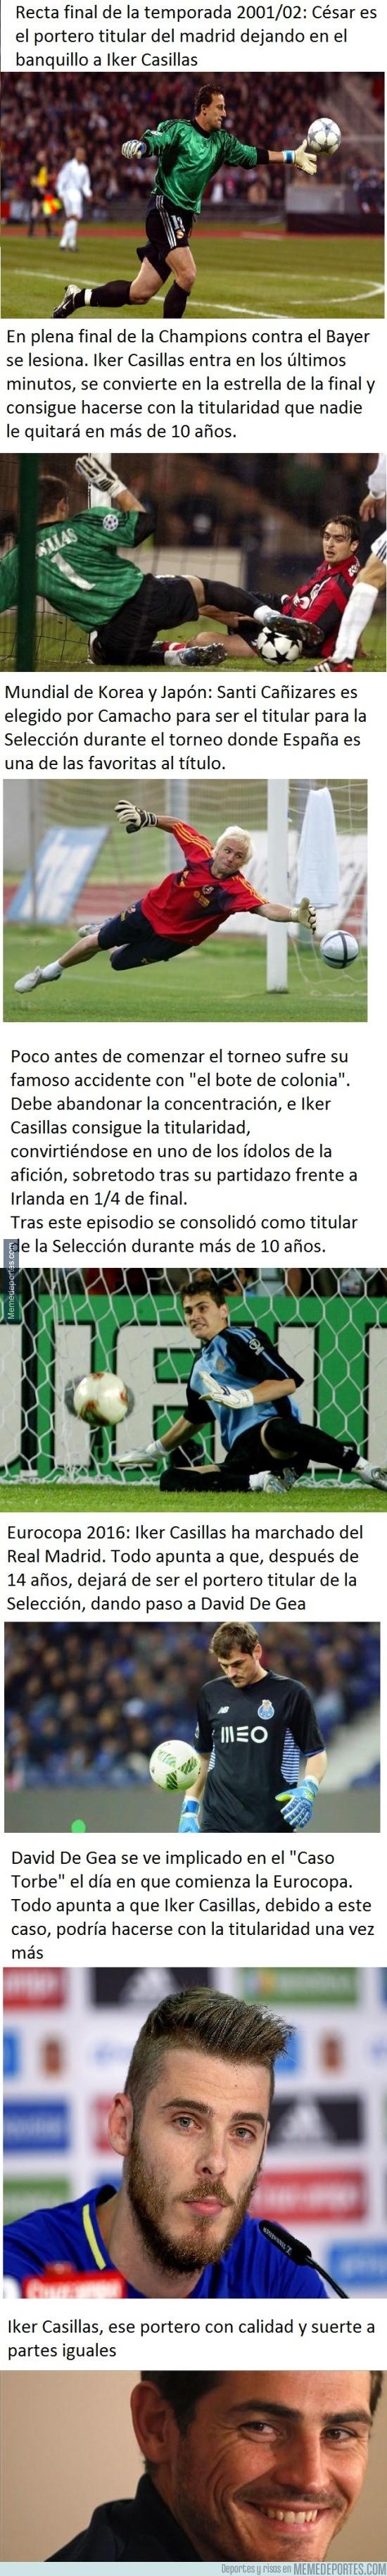 871184 - Casillas, un tipo con suerte